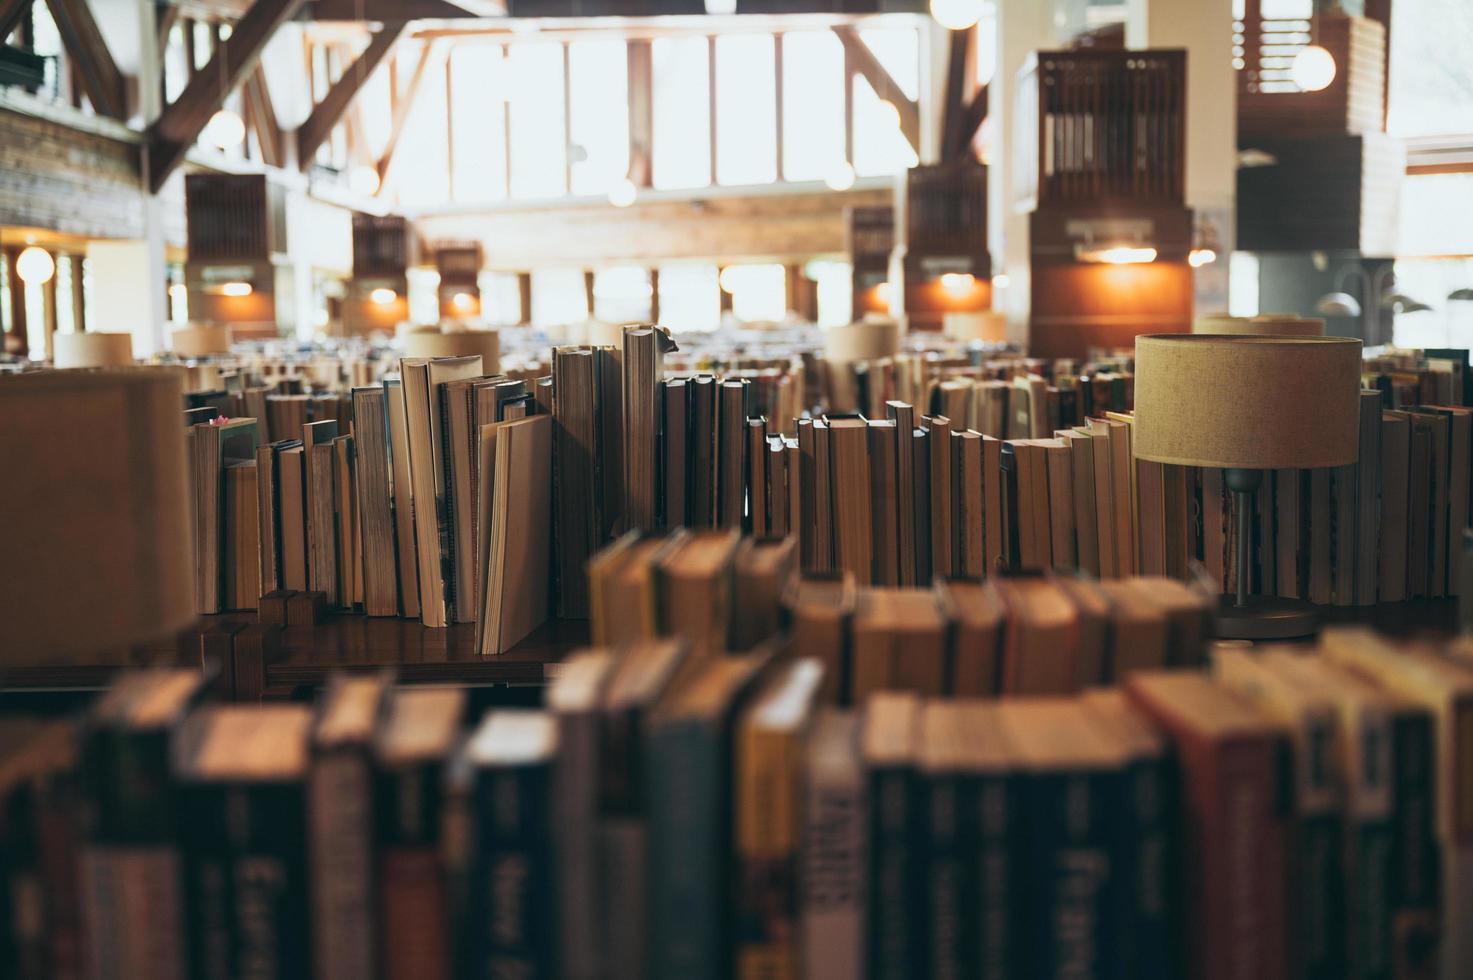 Bücher in großer öffentlicher Bibliothek foto